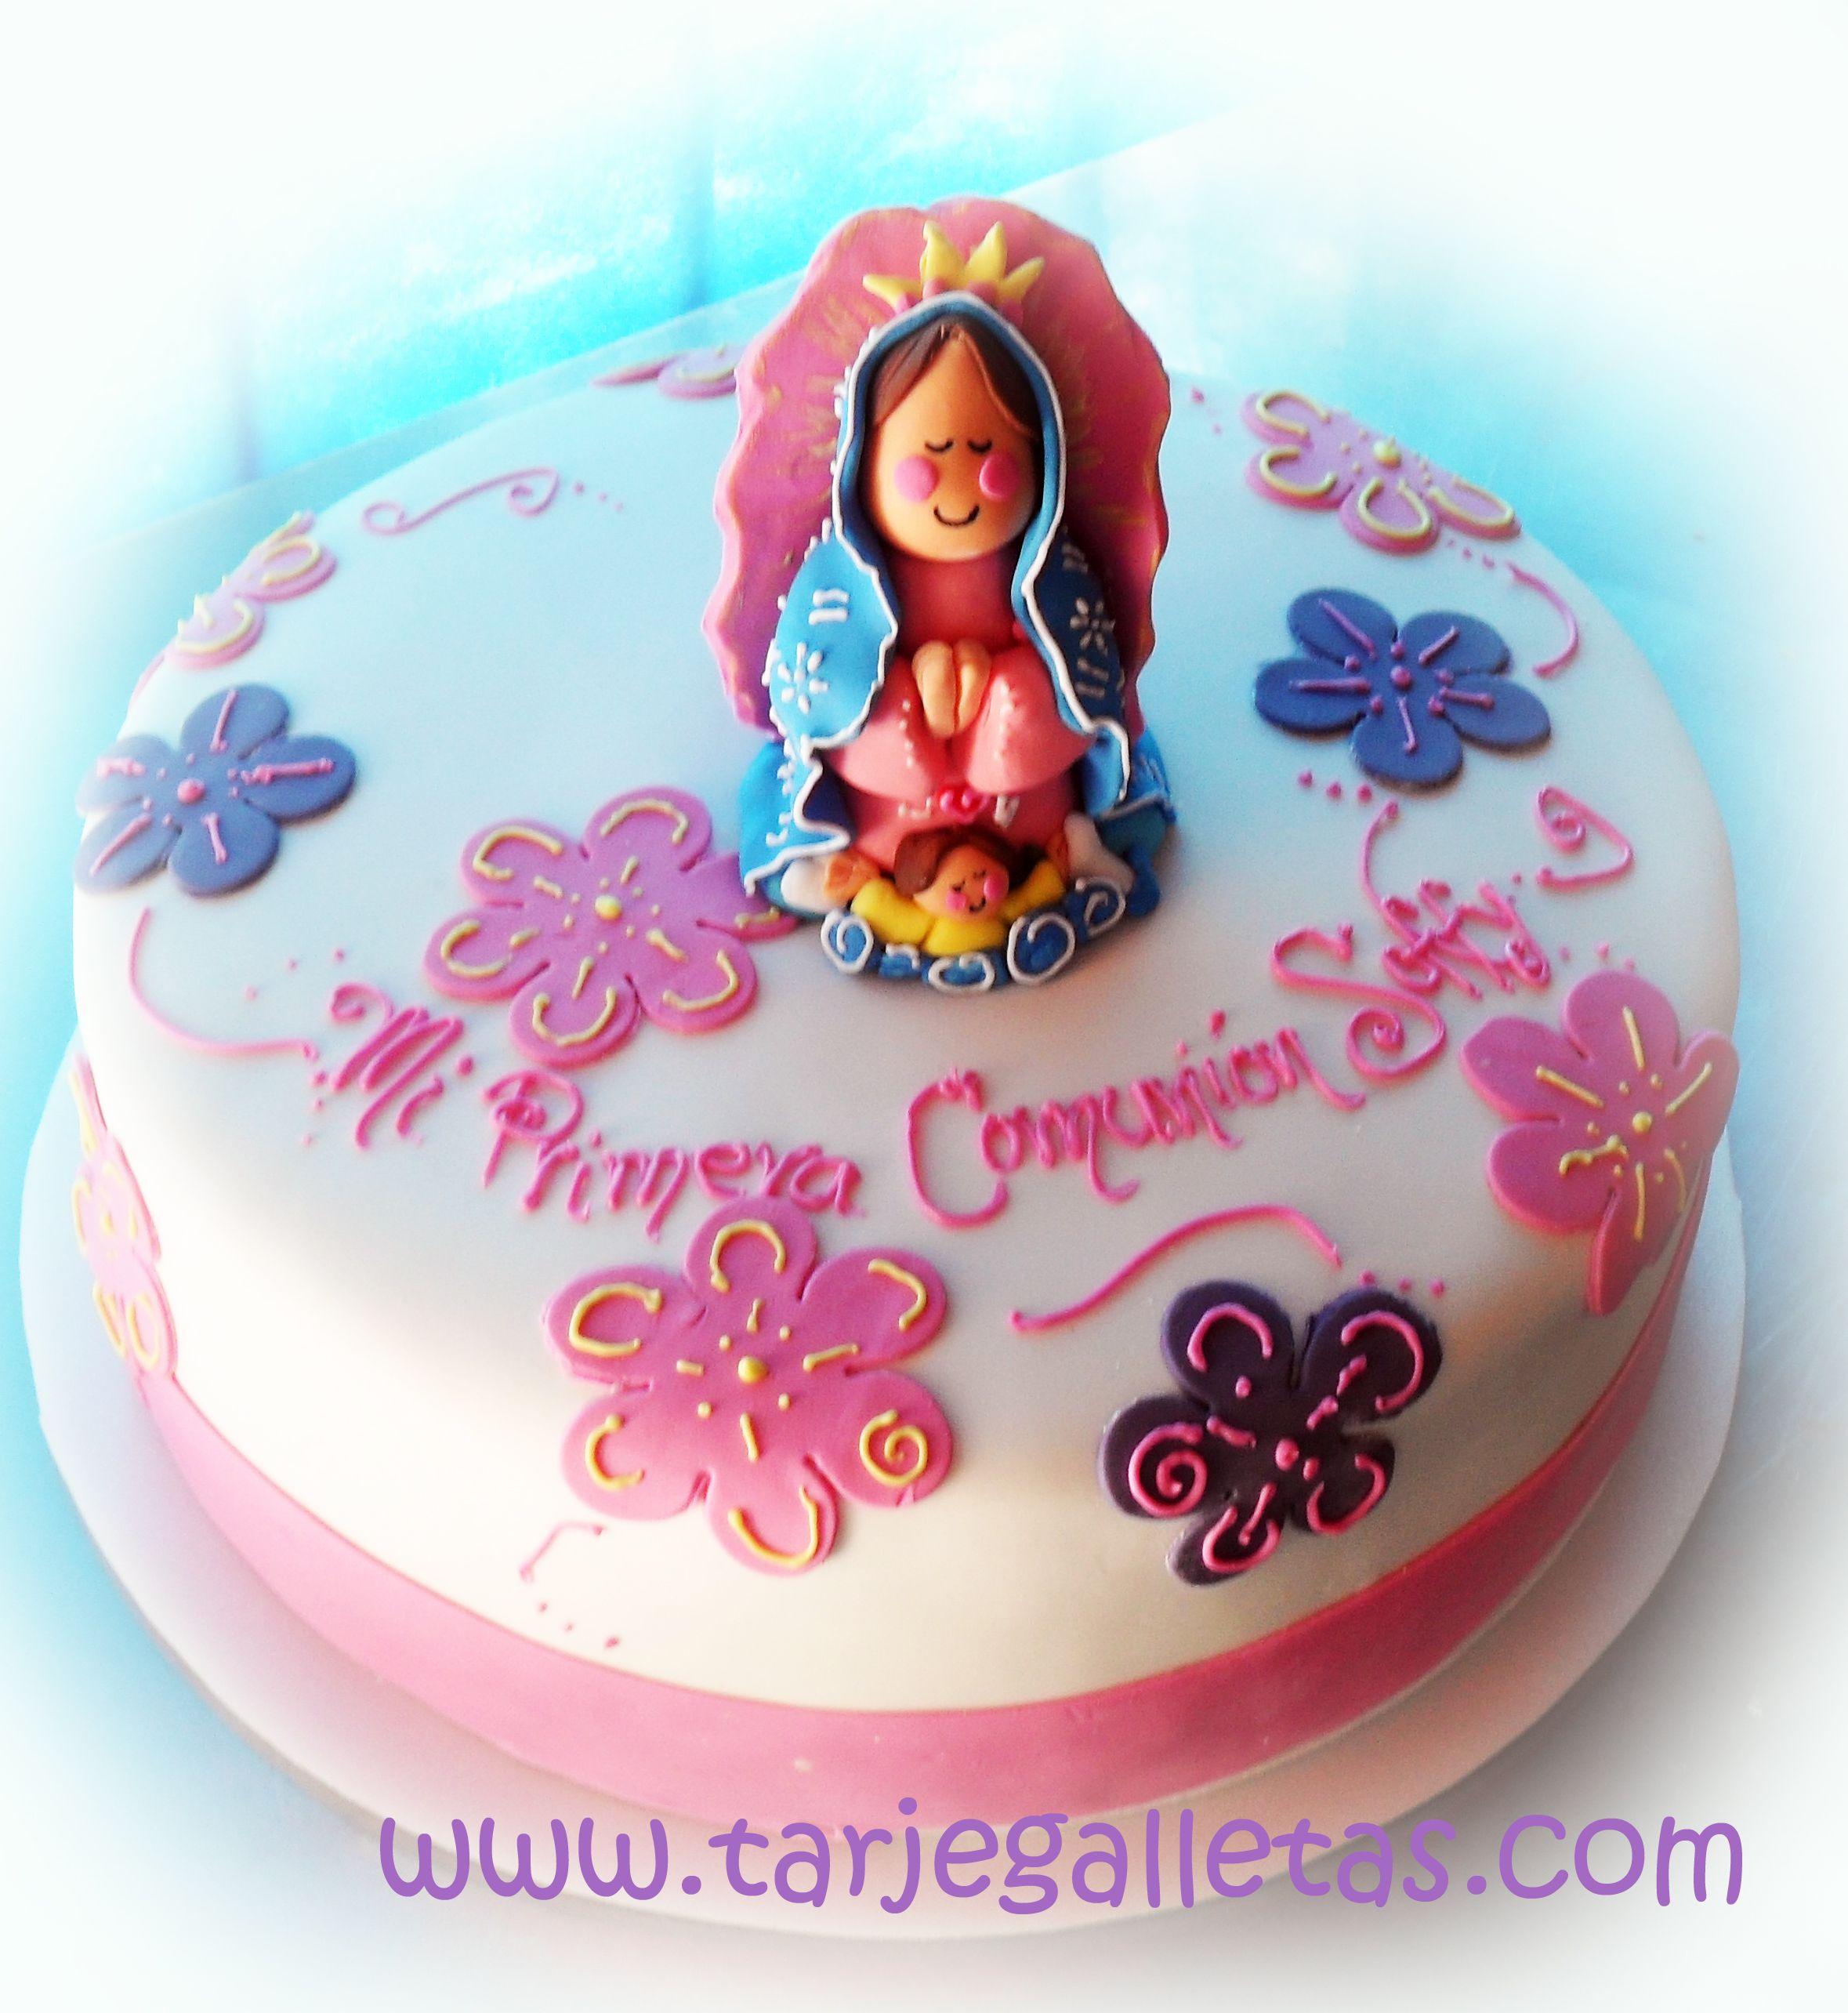 Torta relleno de  arequipe o dulce de leche con masa blanca de vainilla y figura en azucar de la virgencita segun diseño enviado por el cliente...